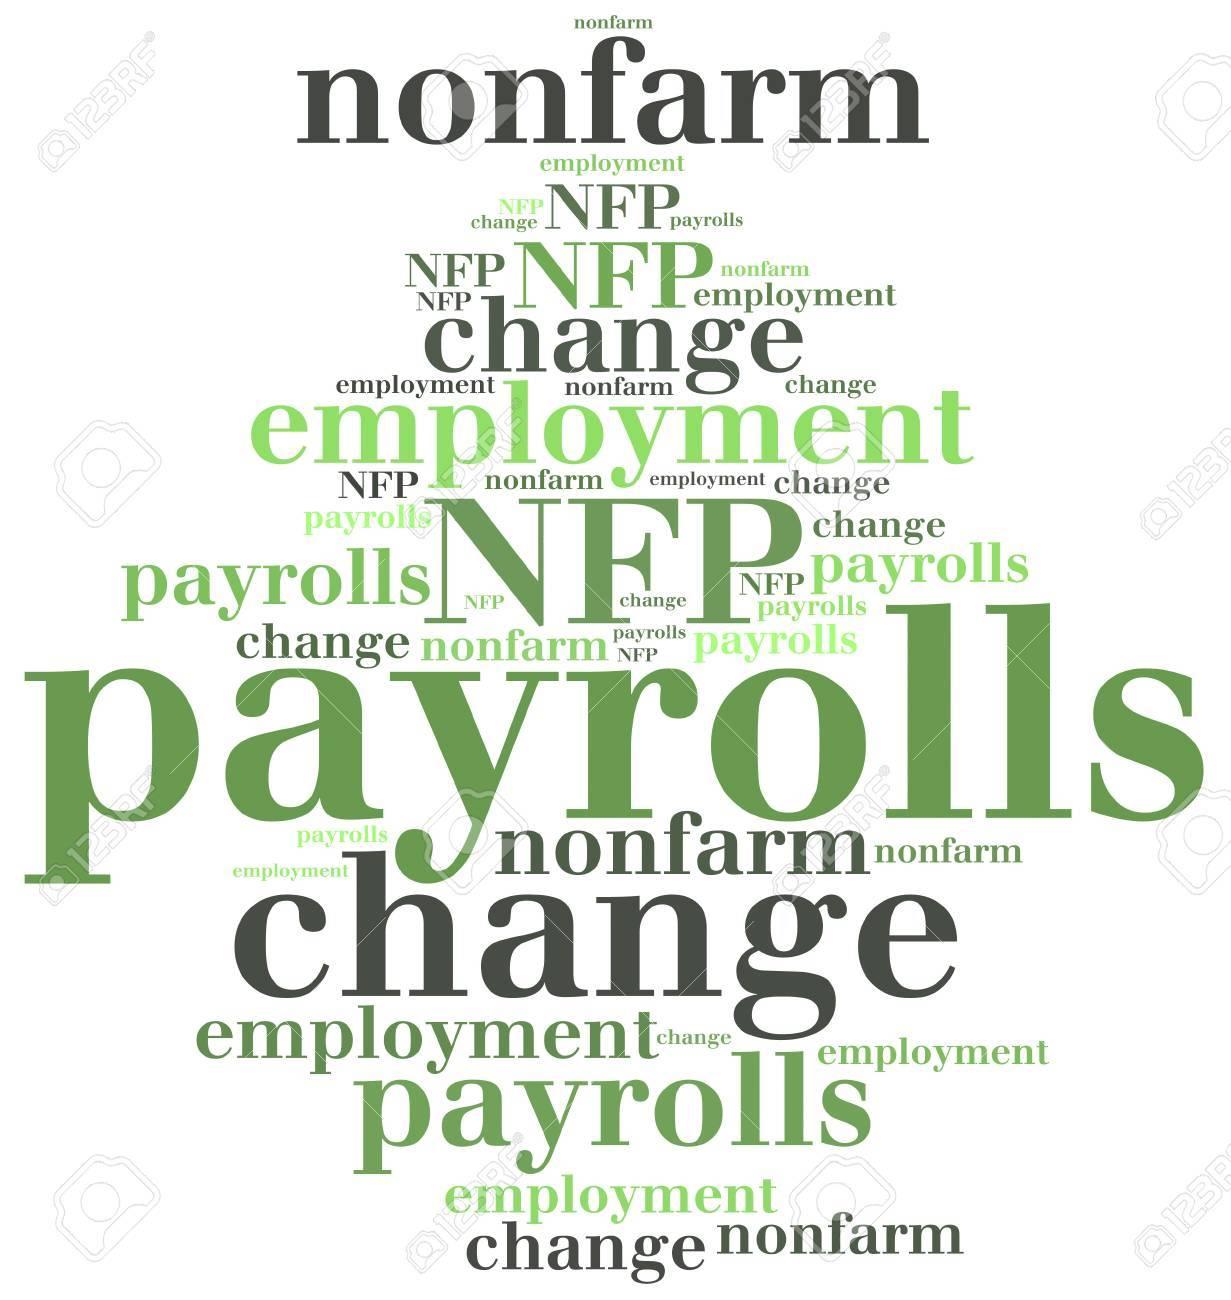 非農業雇用の変更、雇用または非...